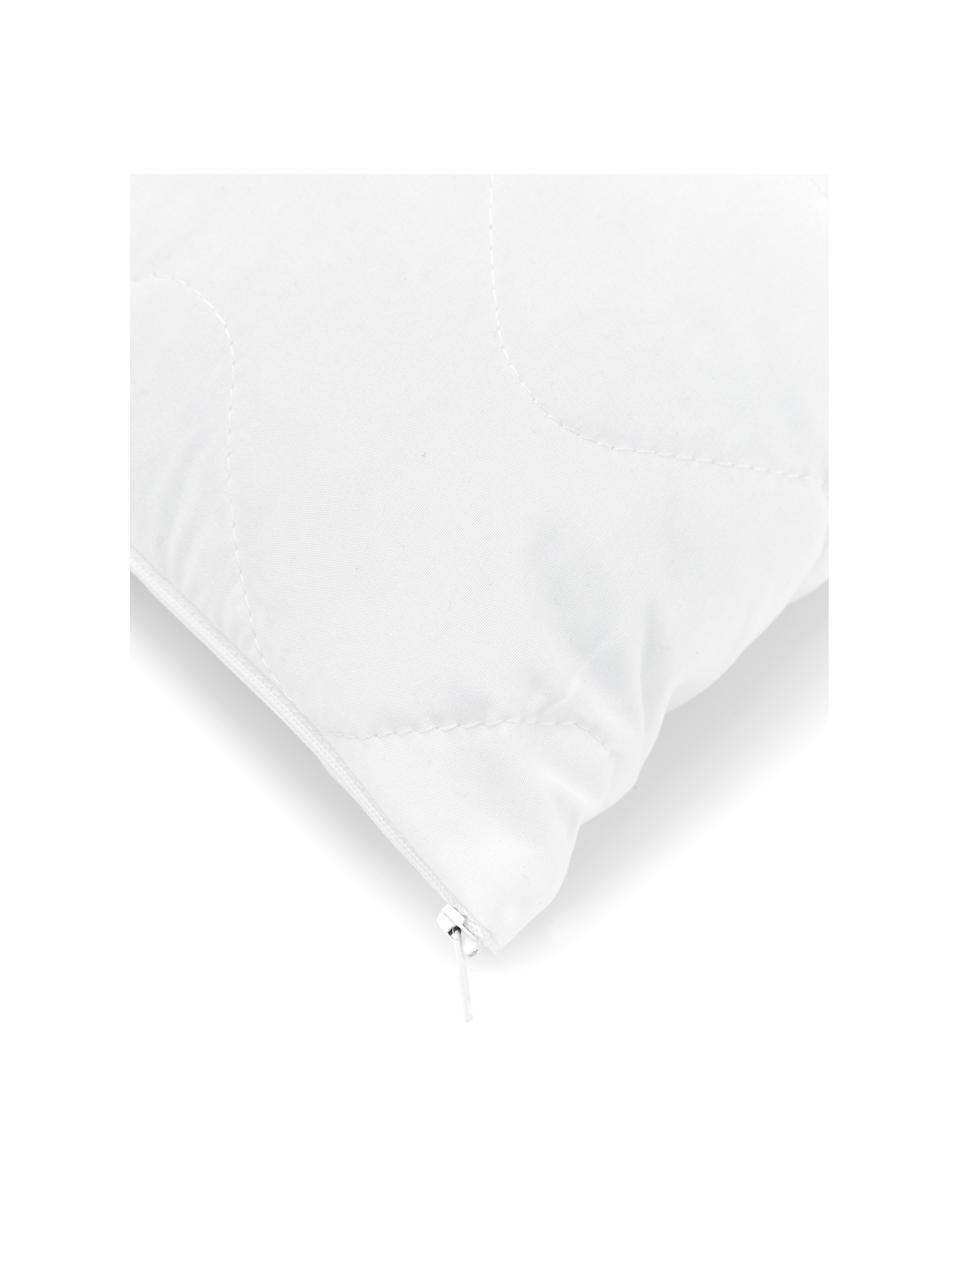 Garnissage de coussin en microfibre Premium Sia, 40x40, Blanc